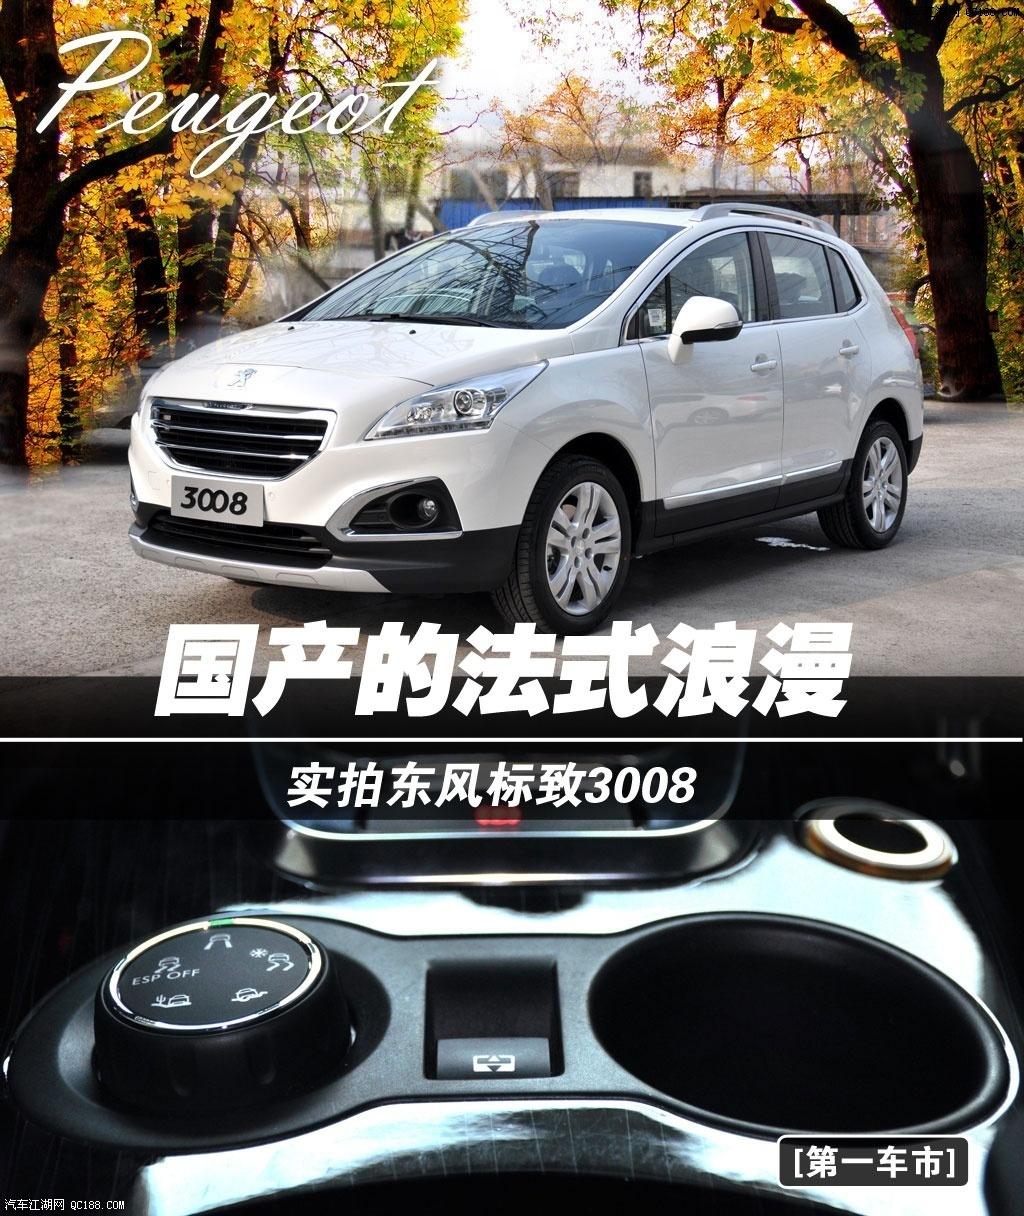 东风标致3008 指导售价-2014款标志3008和同价位车比怎么样 3008最高清图片